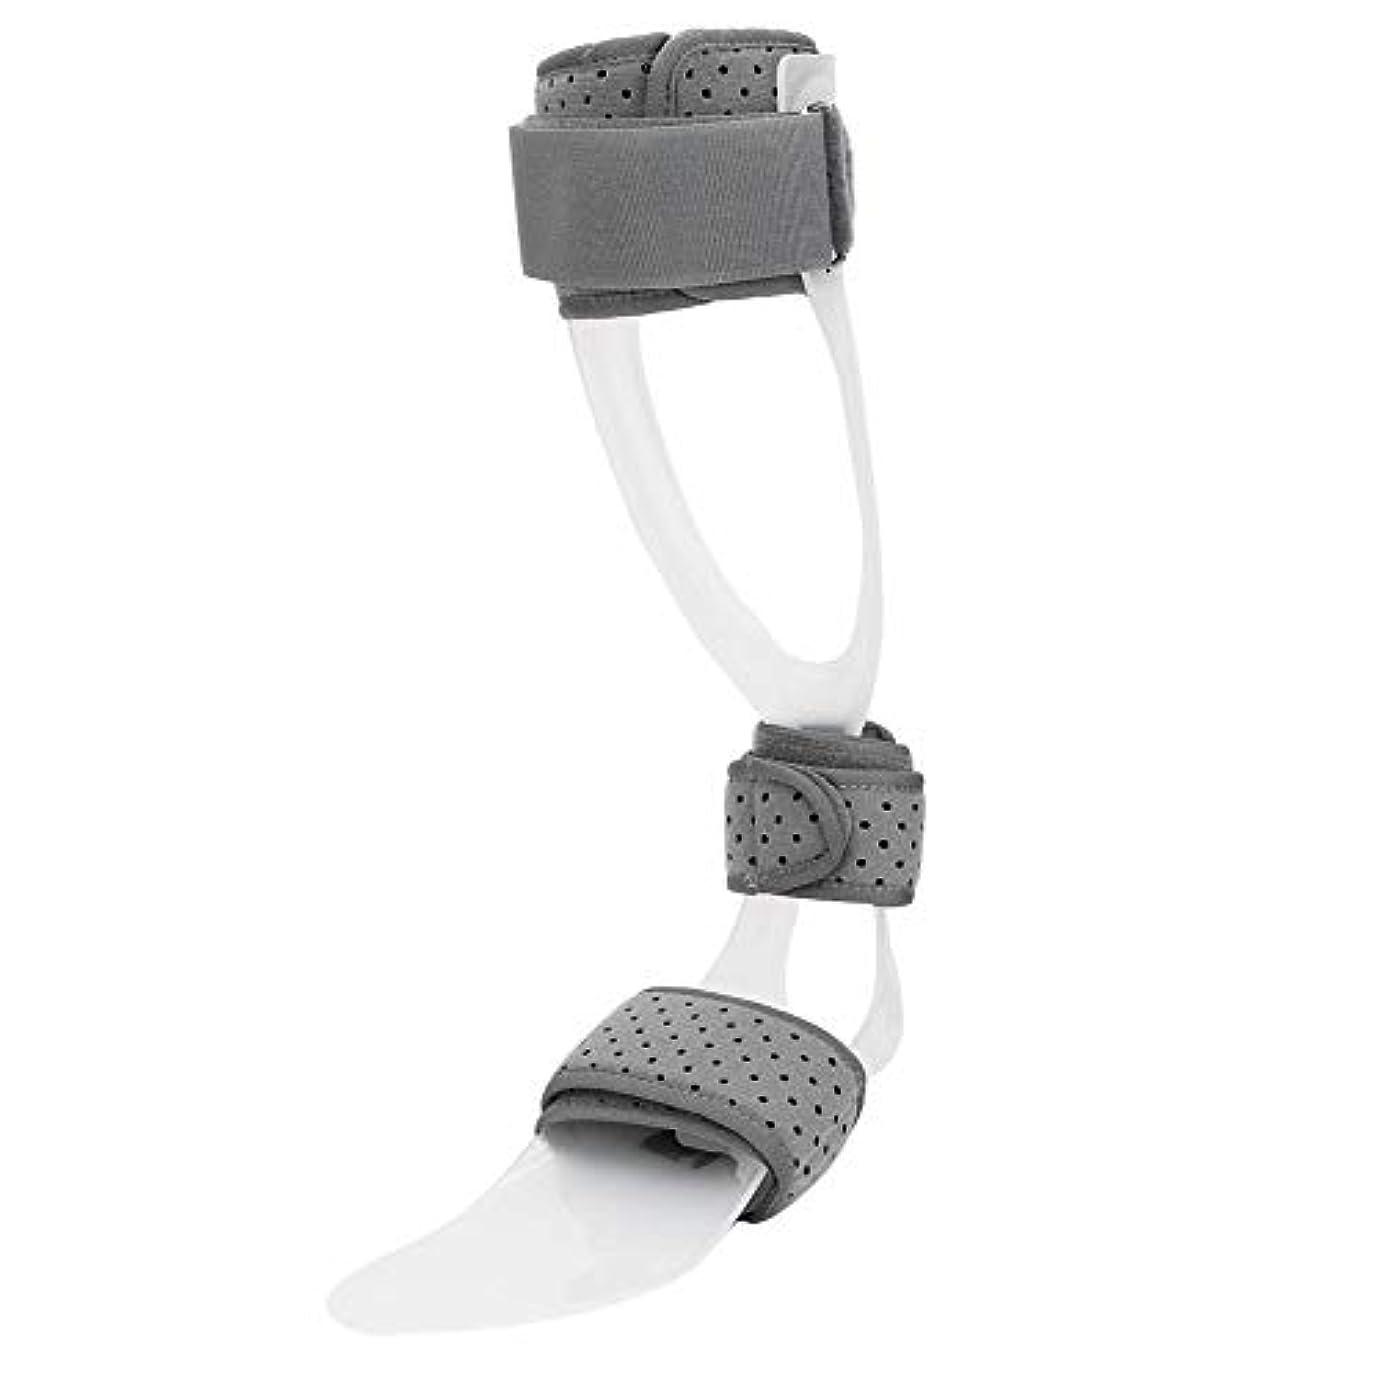 関数出身地エアコン足首装具、足ドロップ副木足首脚装具ドロップ足装具サポート保護矯正足首可動性補助用背屈運動